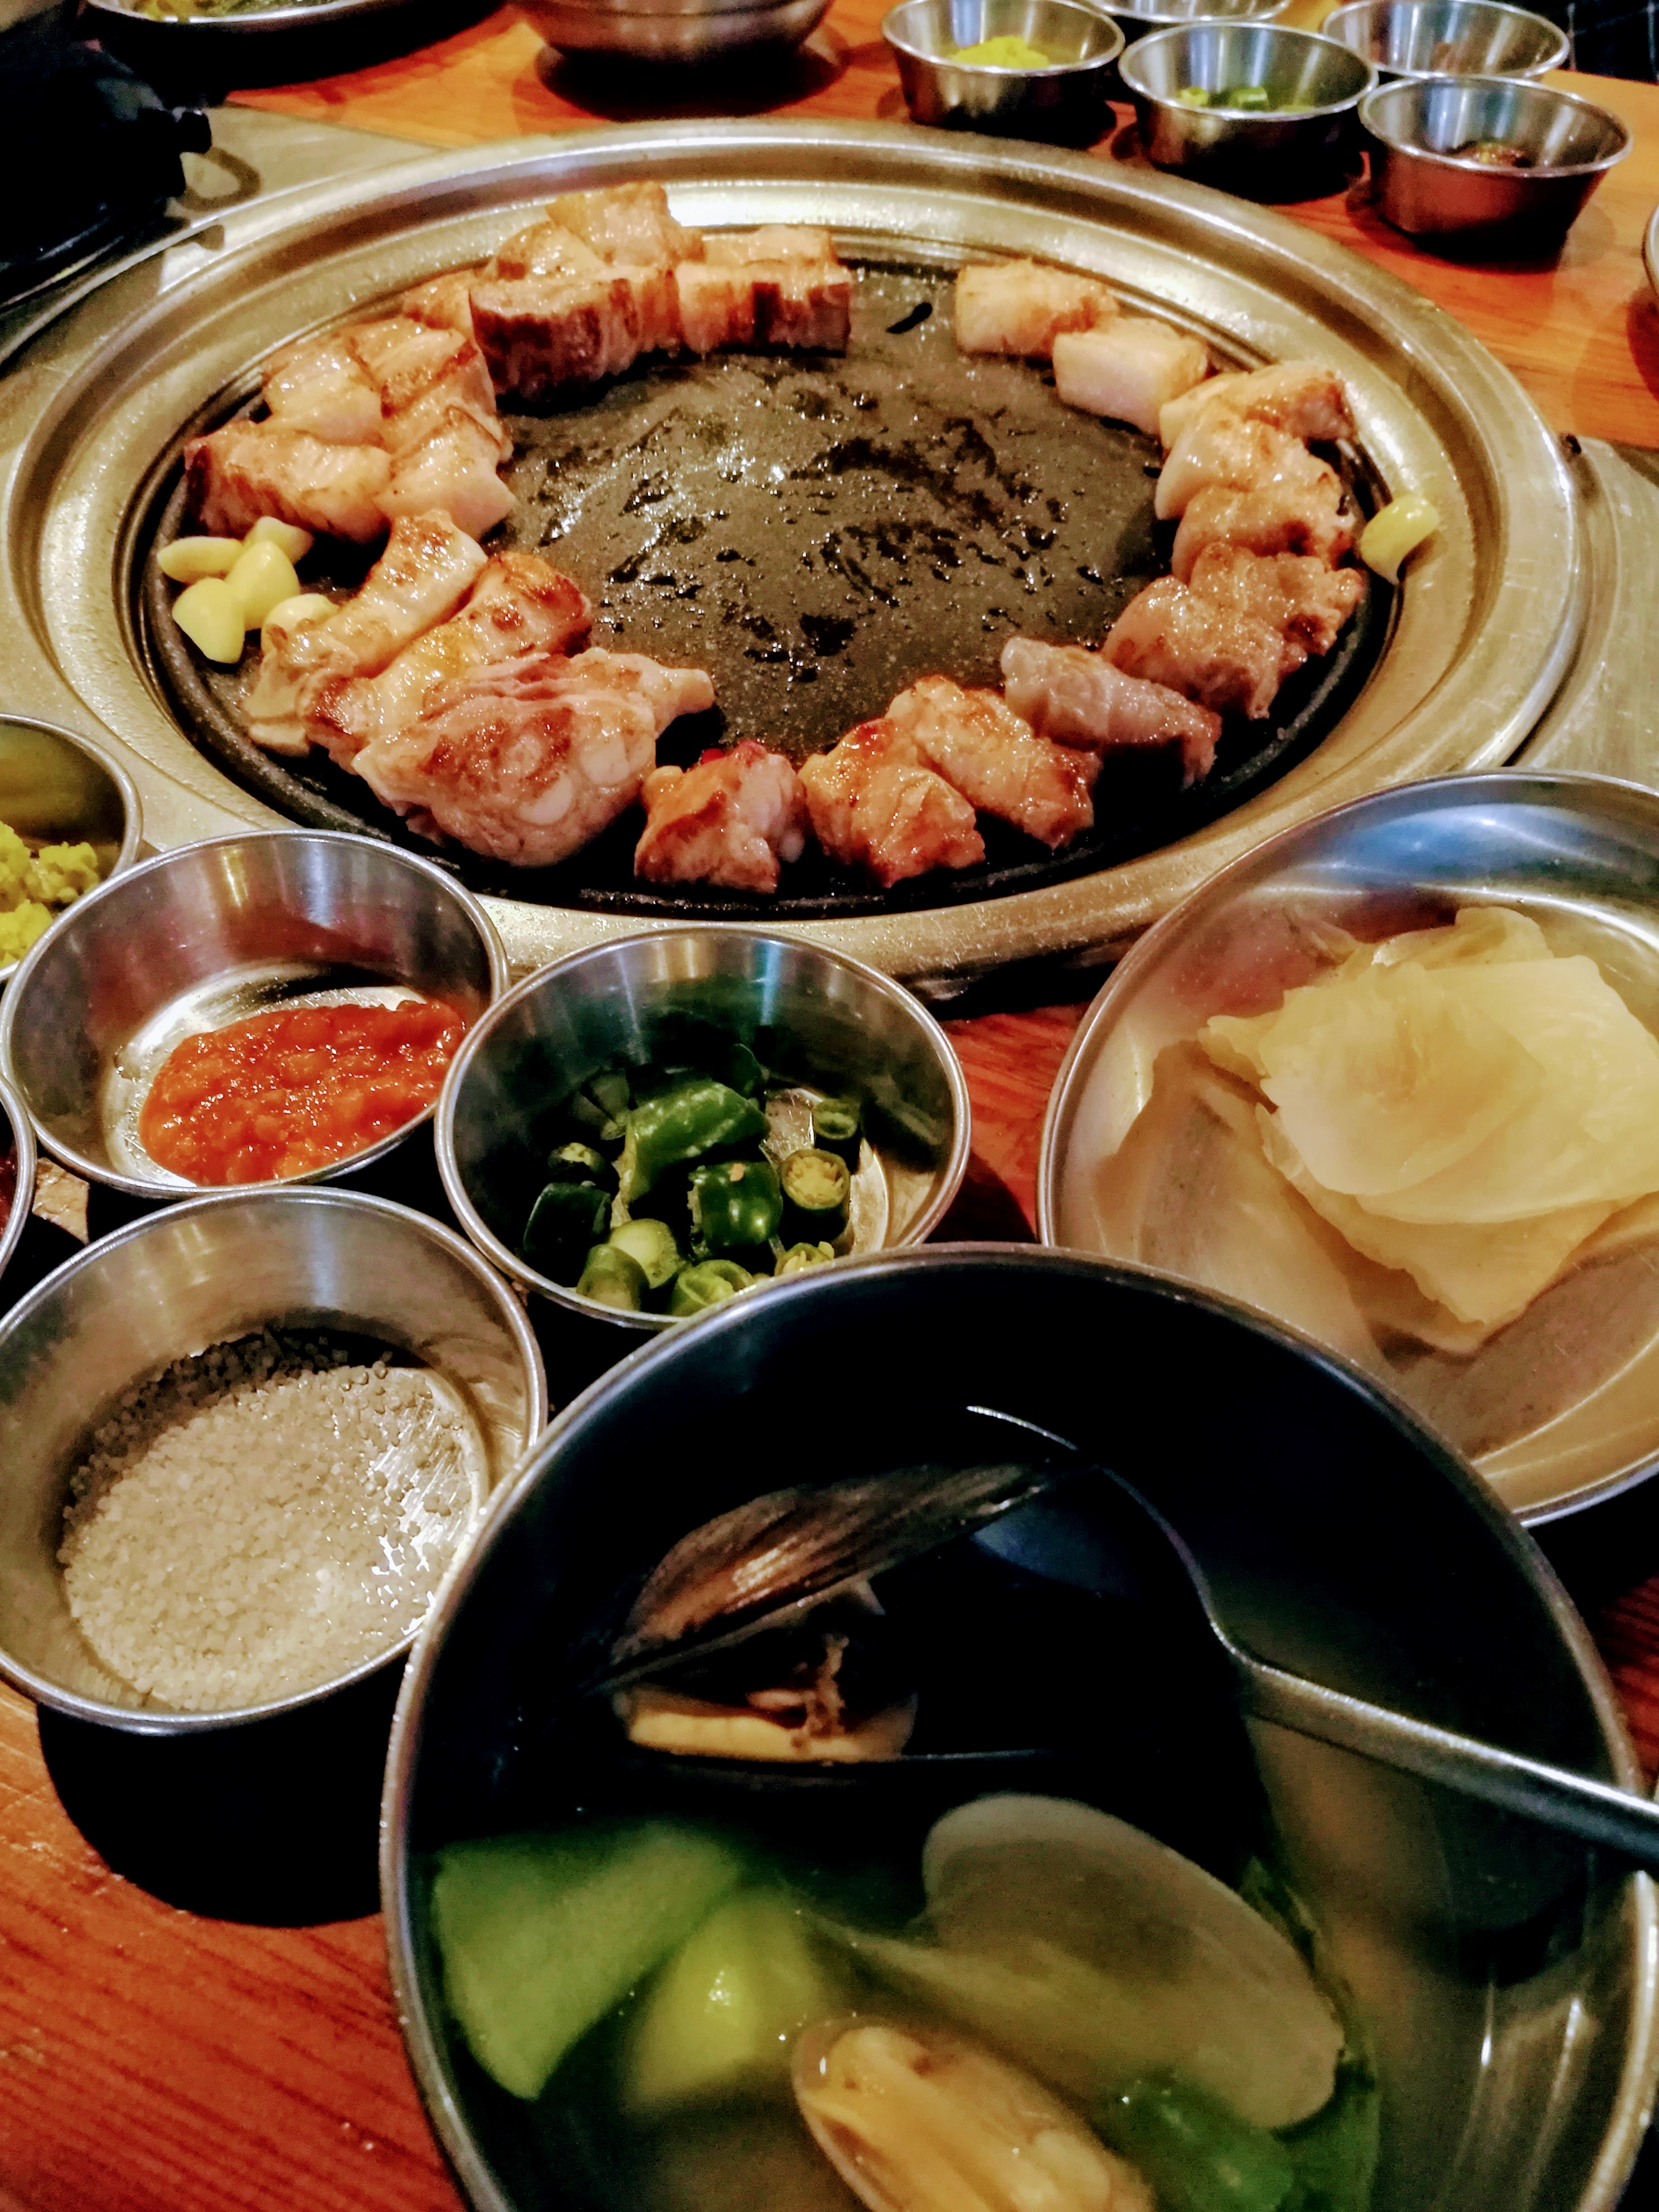 Grillezés, az egyik legkedvesebb kajámmal a szamgjopszallal (császárszalonna). mellé az elmaradhatatlan pancshanok és tengerikütyü-leves.